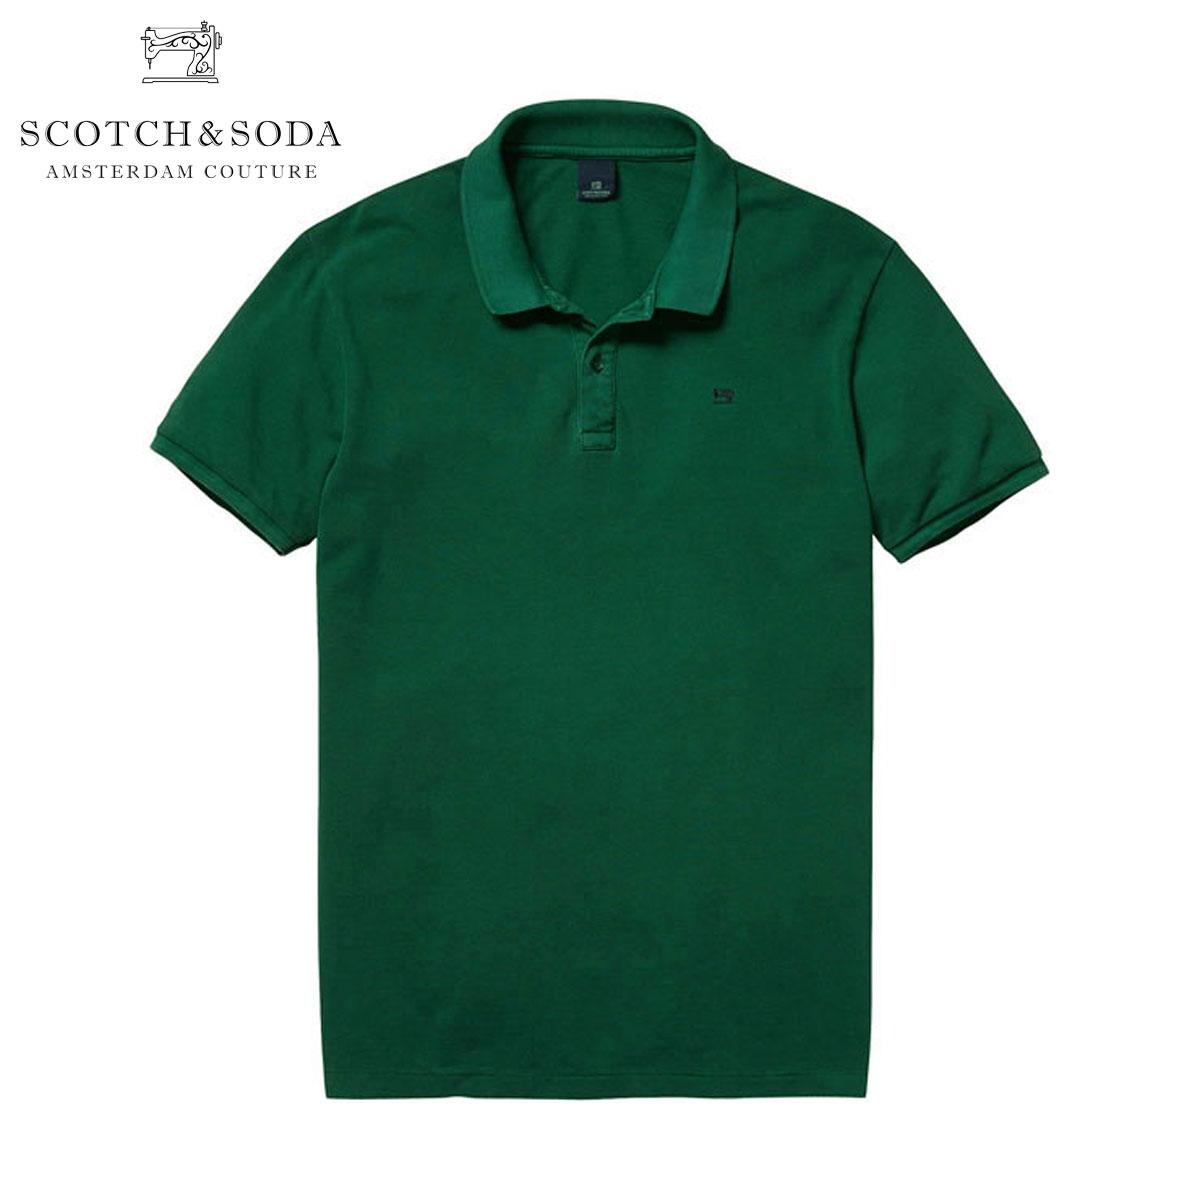 【ポイント10倍 4/21 10:00〜4/24 09:59まで】 スコッチアンドソーダ SCOTCH&SODA 正規販売店 メンズ ポロシャツ Classic garment dyed pique polo 130891 71